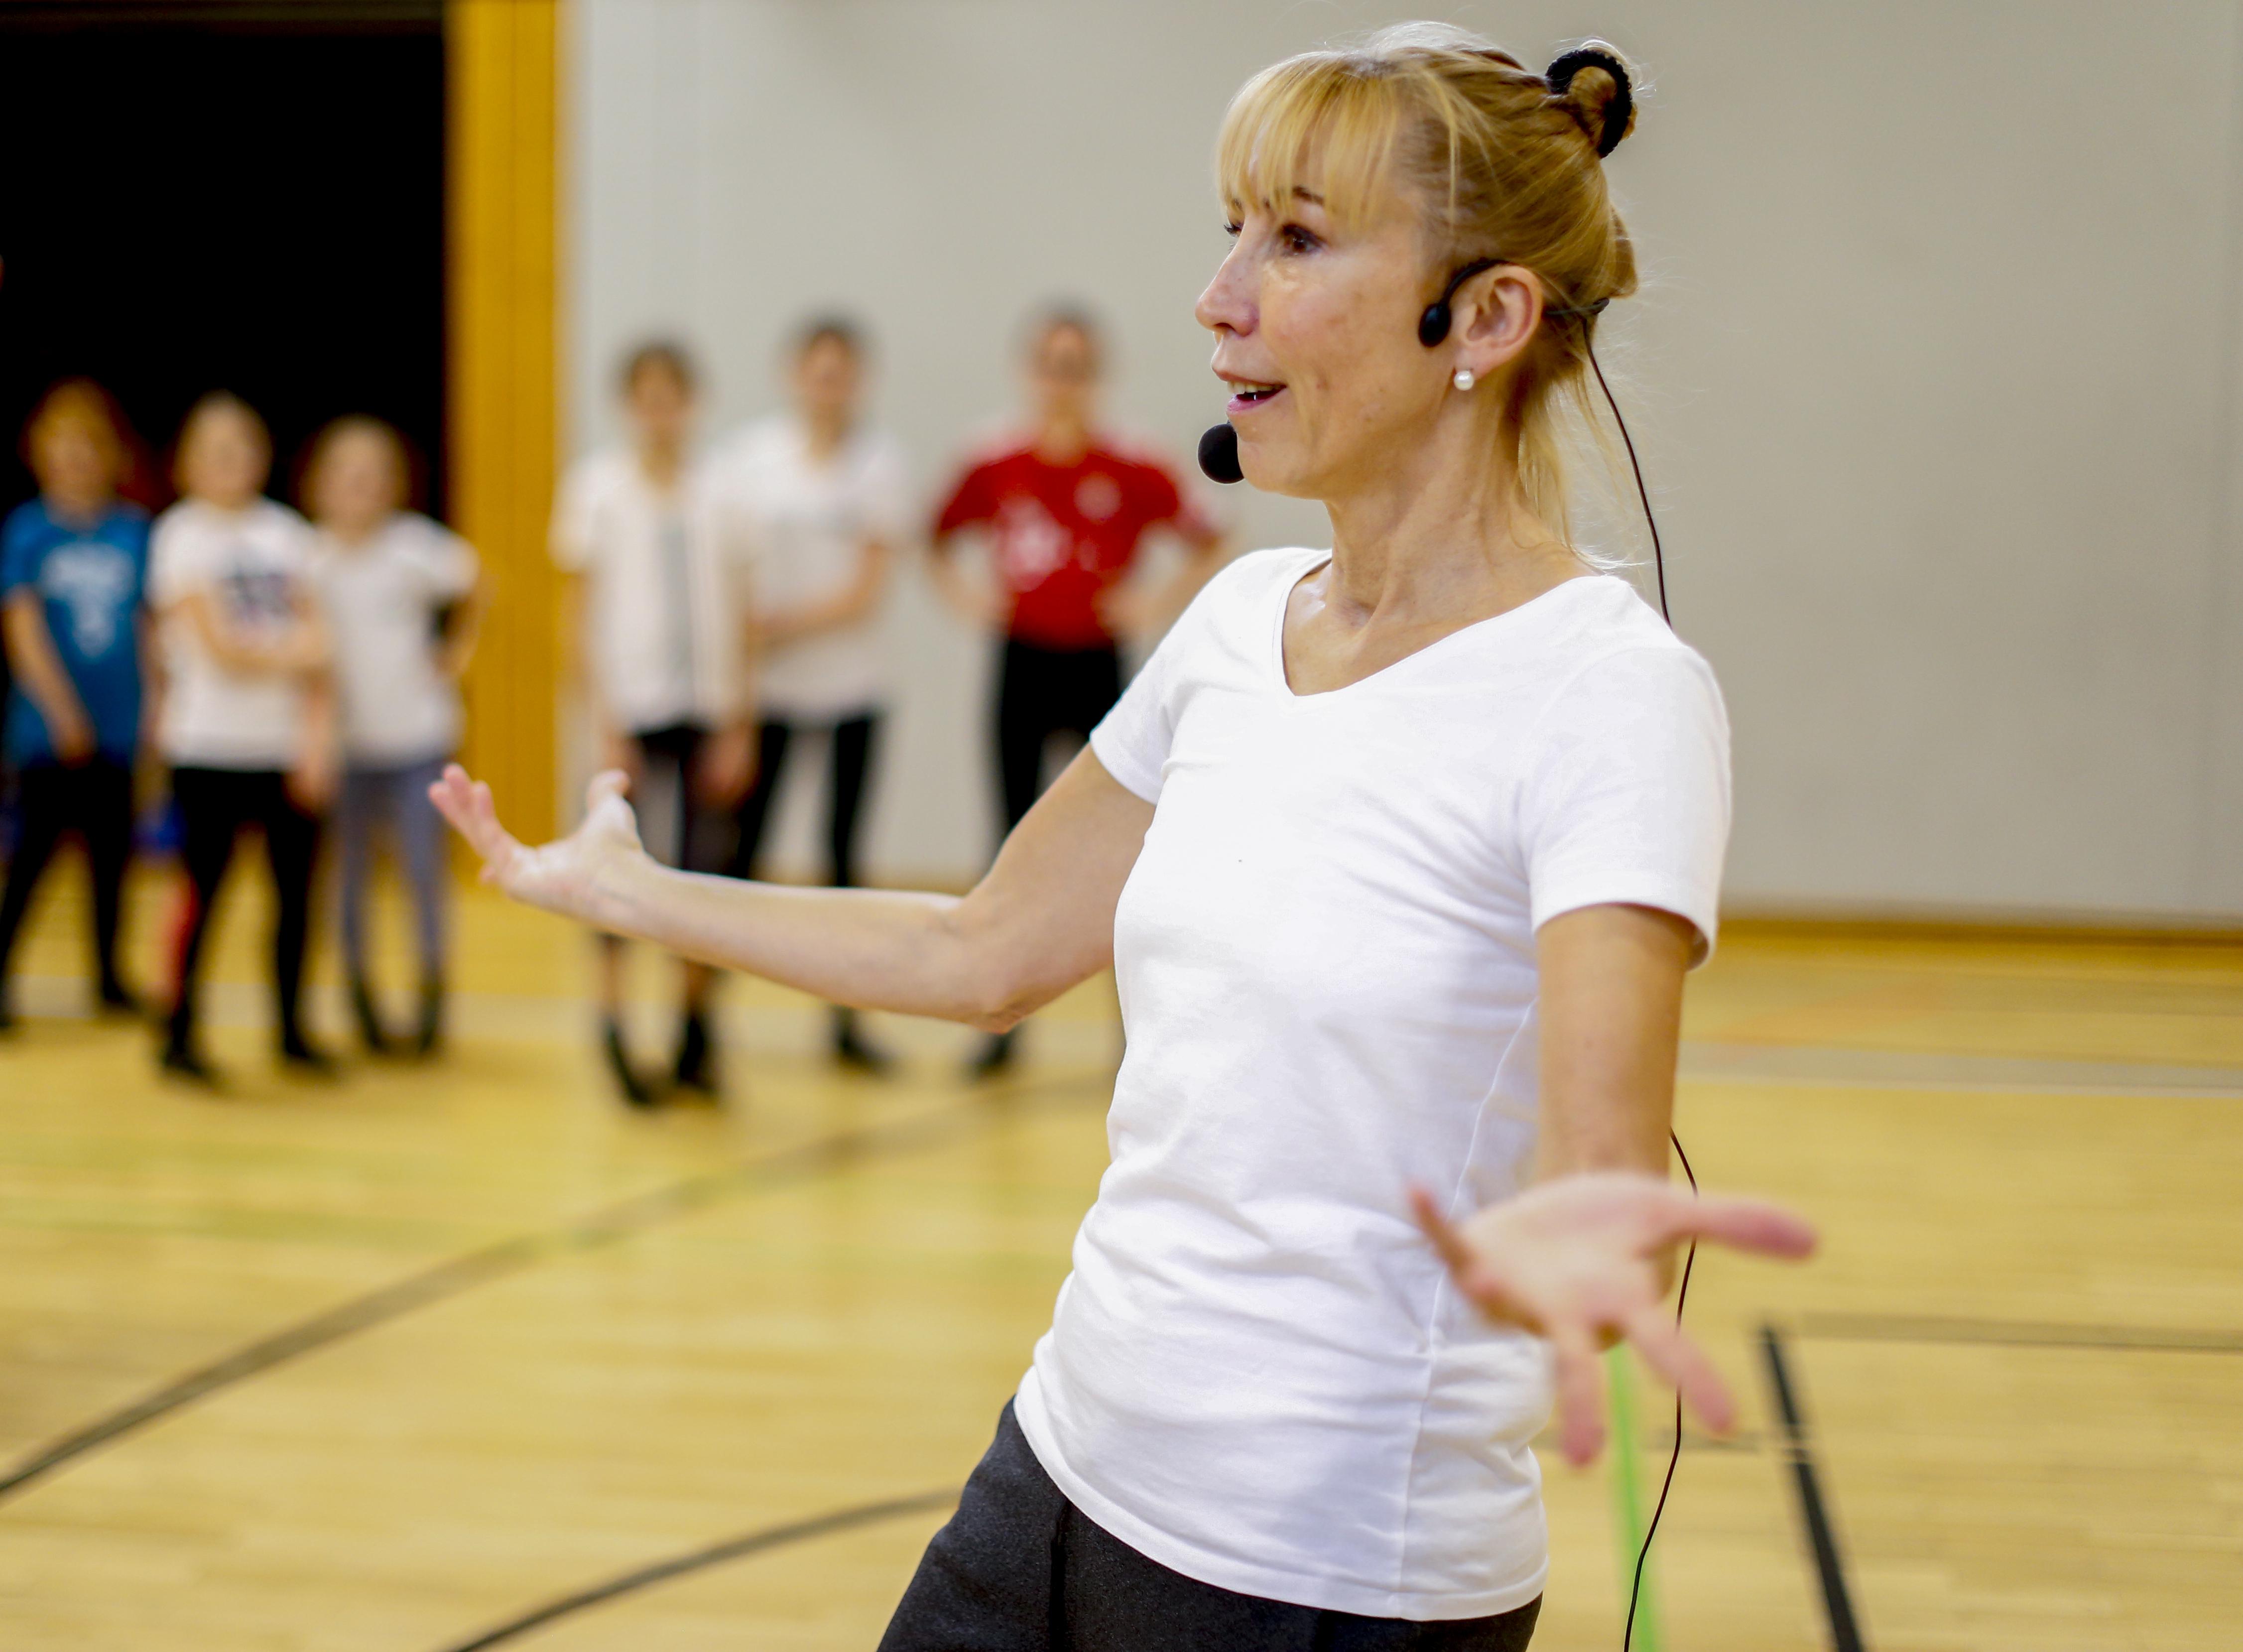 Cassia Kürten ist ausgebildete Tänzerin und Tanzpädagogin. Sie engagiert sich seit über 20 Jahren im Karneval, hat die Immisitzung choreografiert und arbeitete mit Bläck Fööss und Höhnern zusammen. Karneval und Tanz sind für sie gelebtes Brauchtum. Ihr Ziel: Den Jugendlichen nicht nur das Tanzen beibringen, sondern auch das Jeföhl.